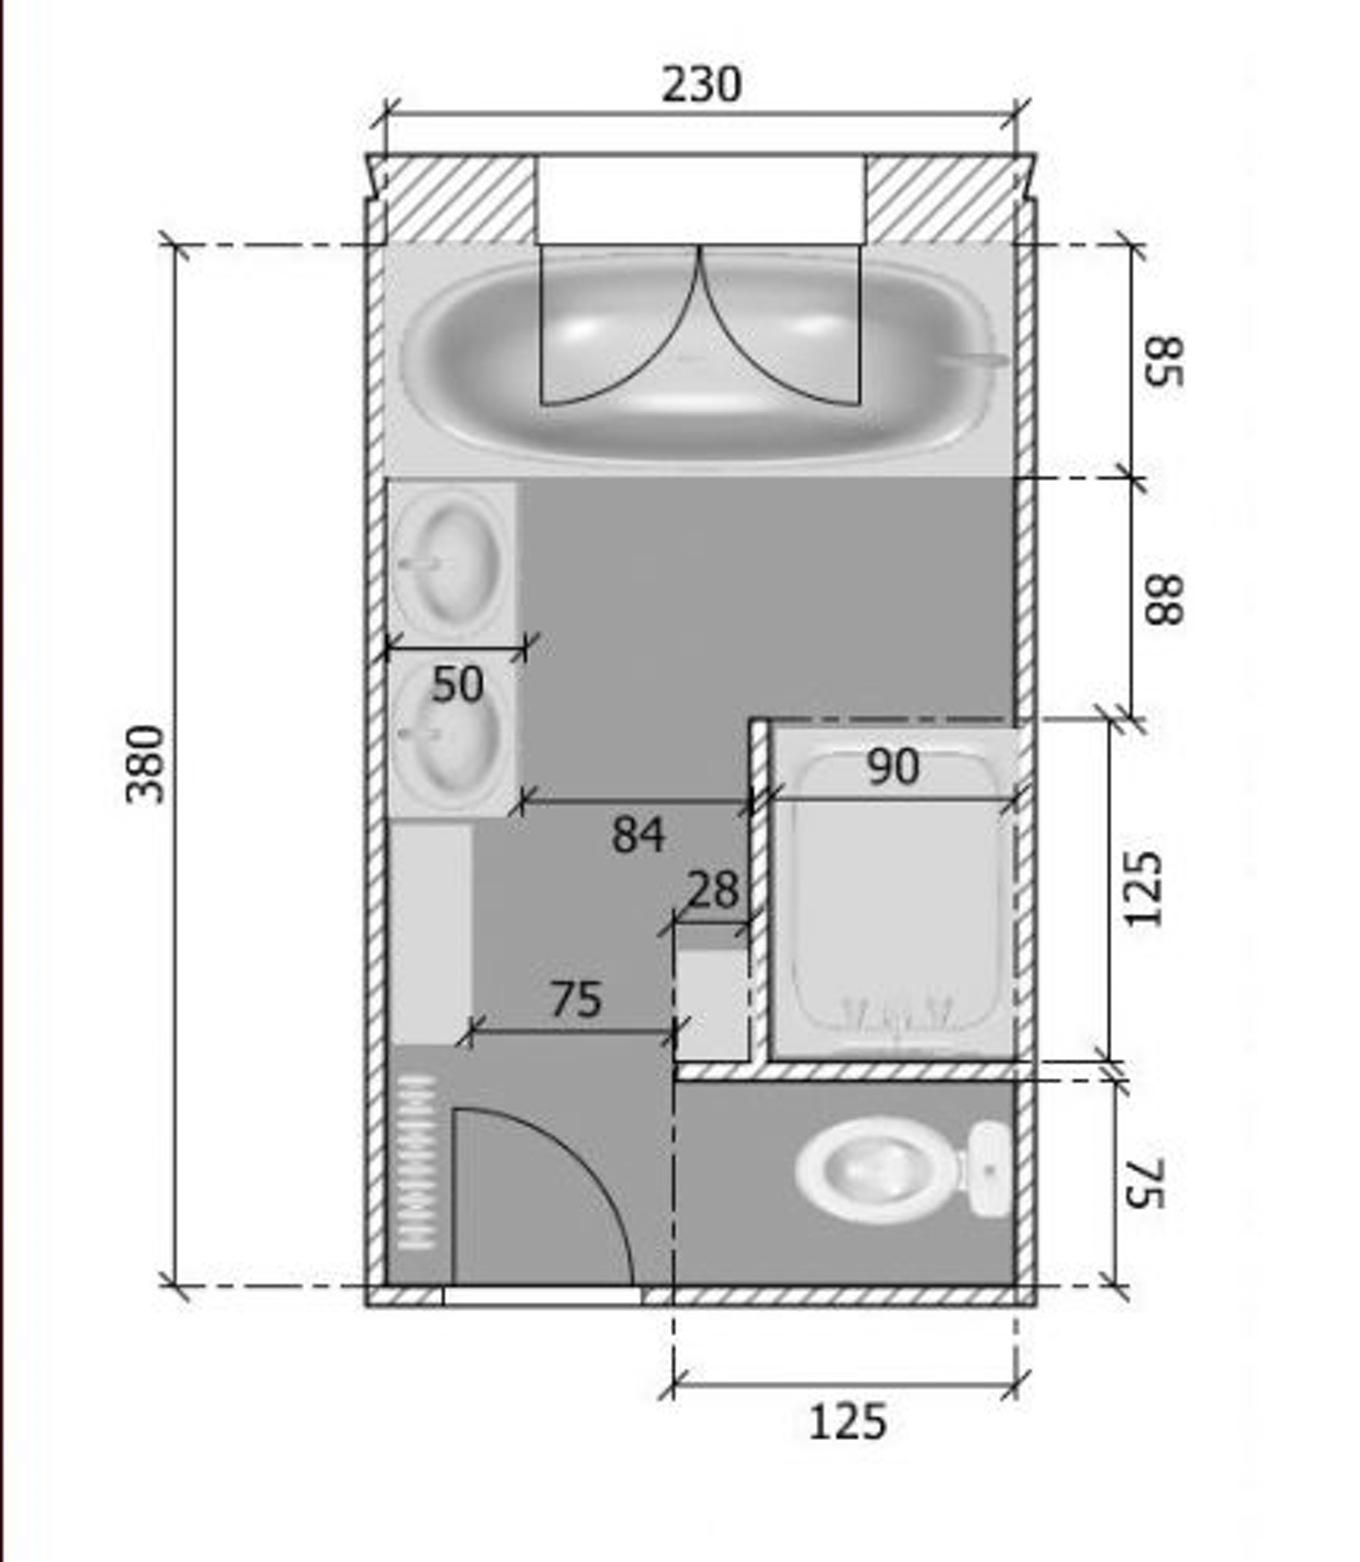 Salle D Eau 5m2 Unique Photos Amnager Une Salle De Bain De 5m2 Idees De Dcoration